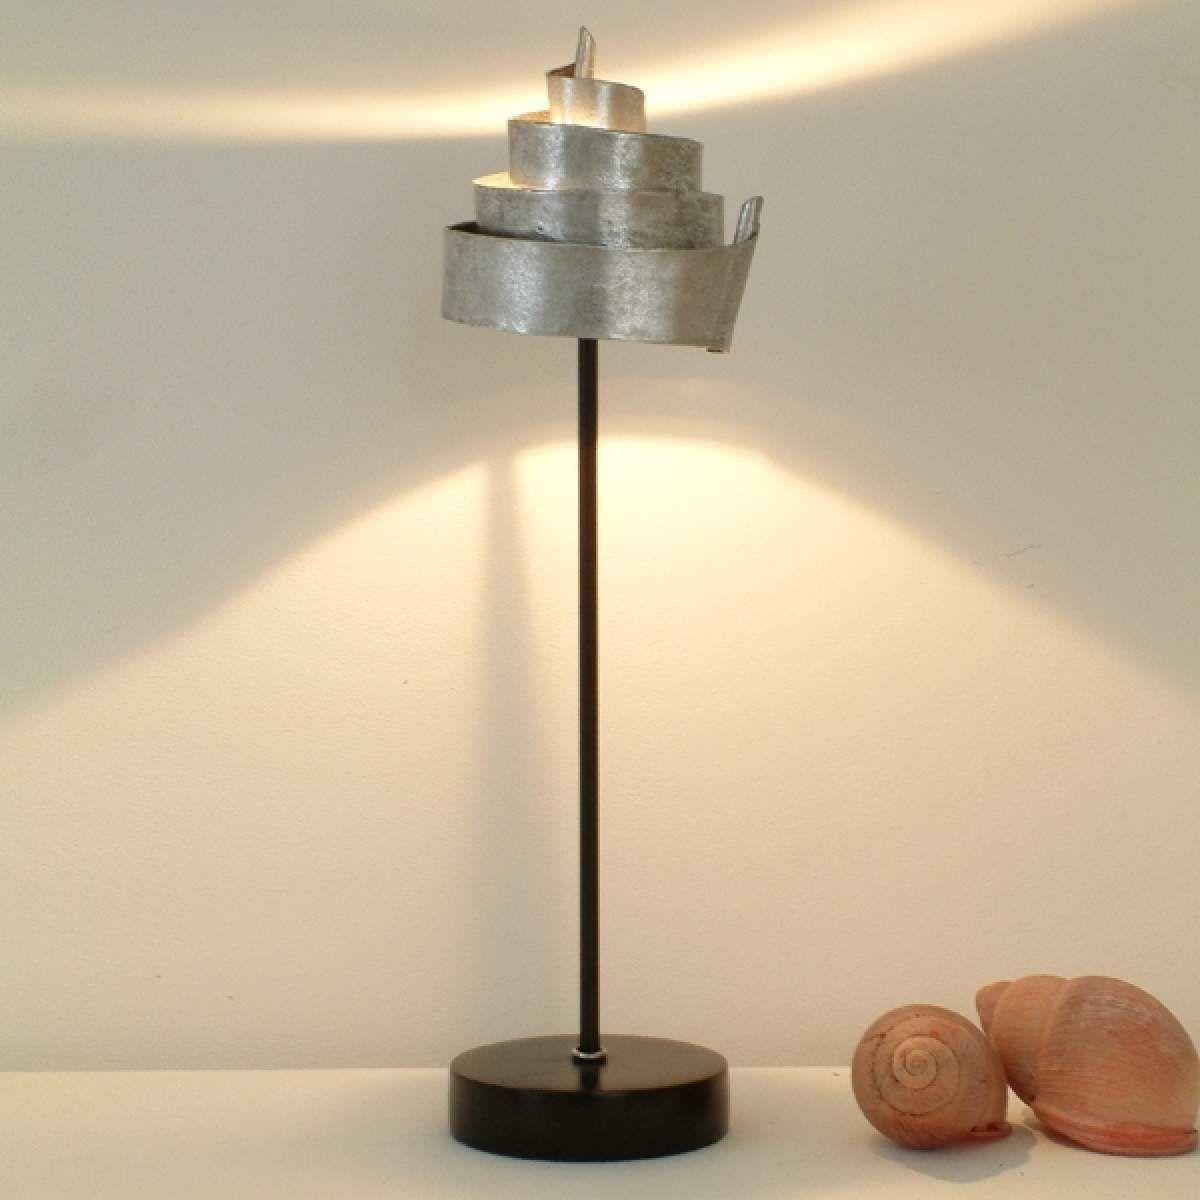 Tischleuchte Banderole Aus Eisen In Silber Led Lampen Wohnzimmer Lampen Kaufen Lampe Mit Batterie